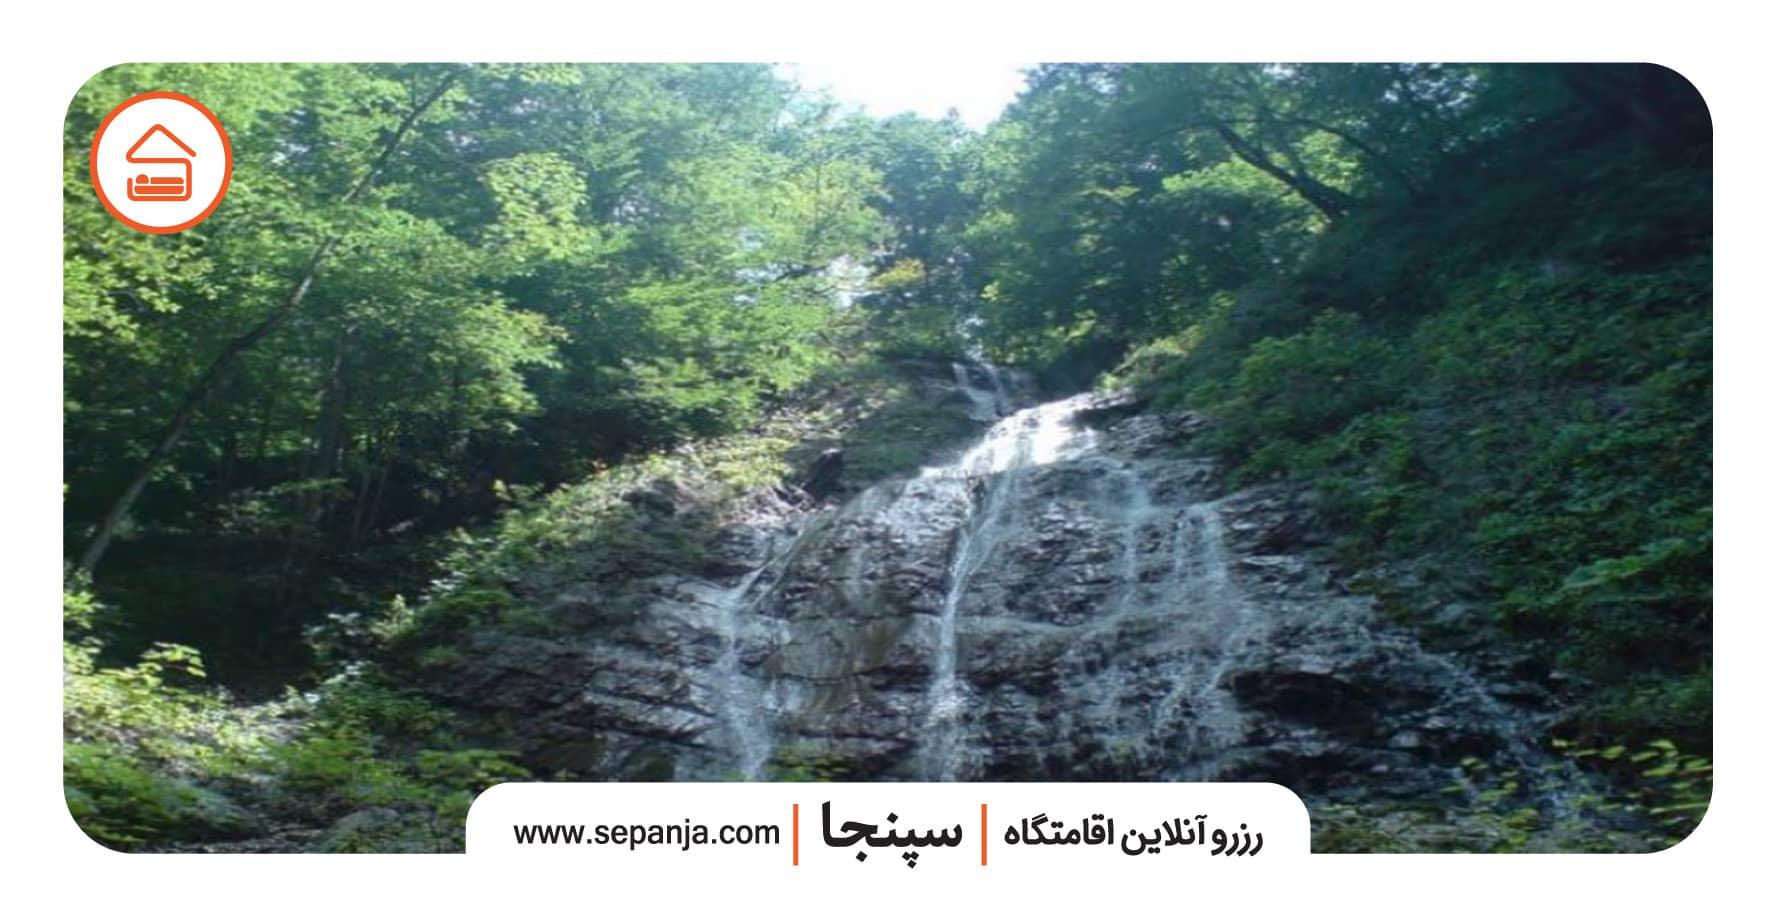 آبشار سنگ بن چشمه در تنکابن